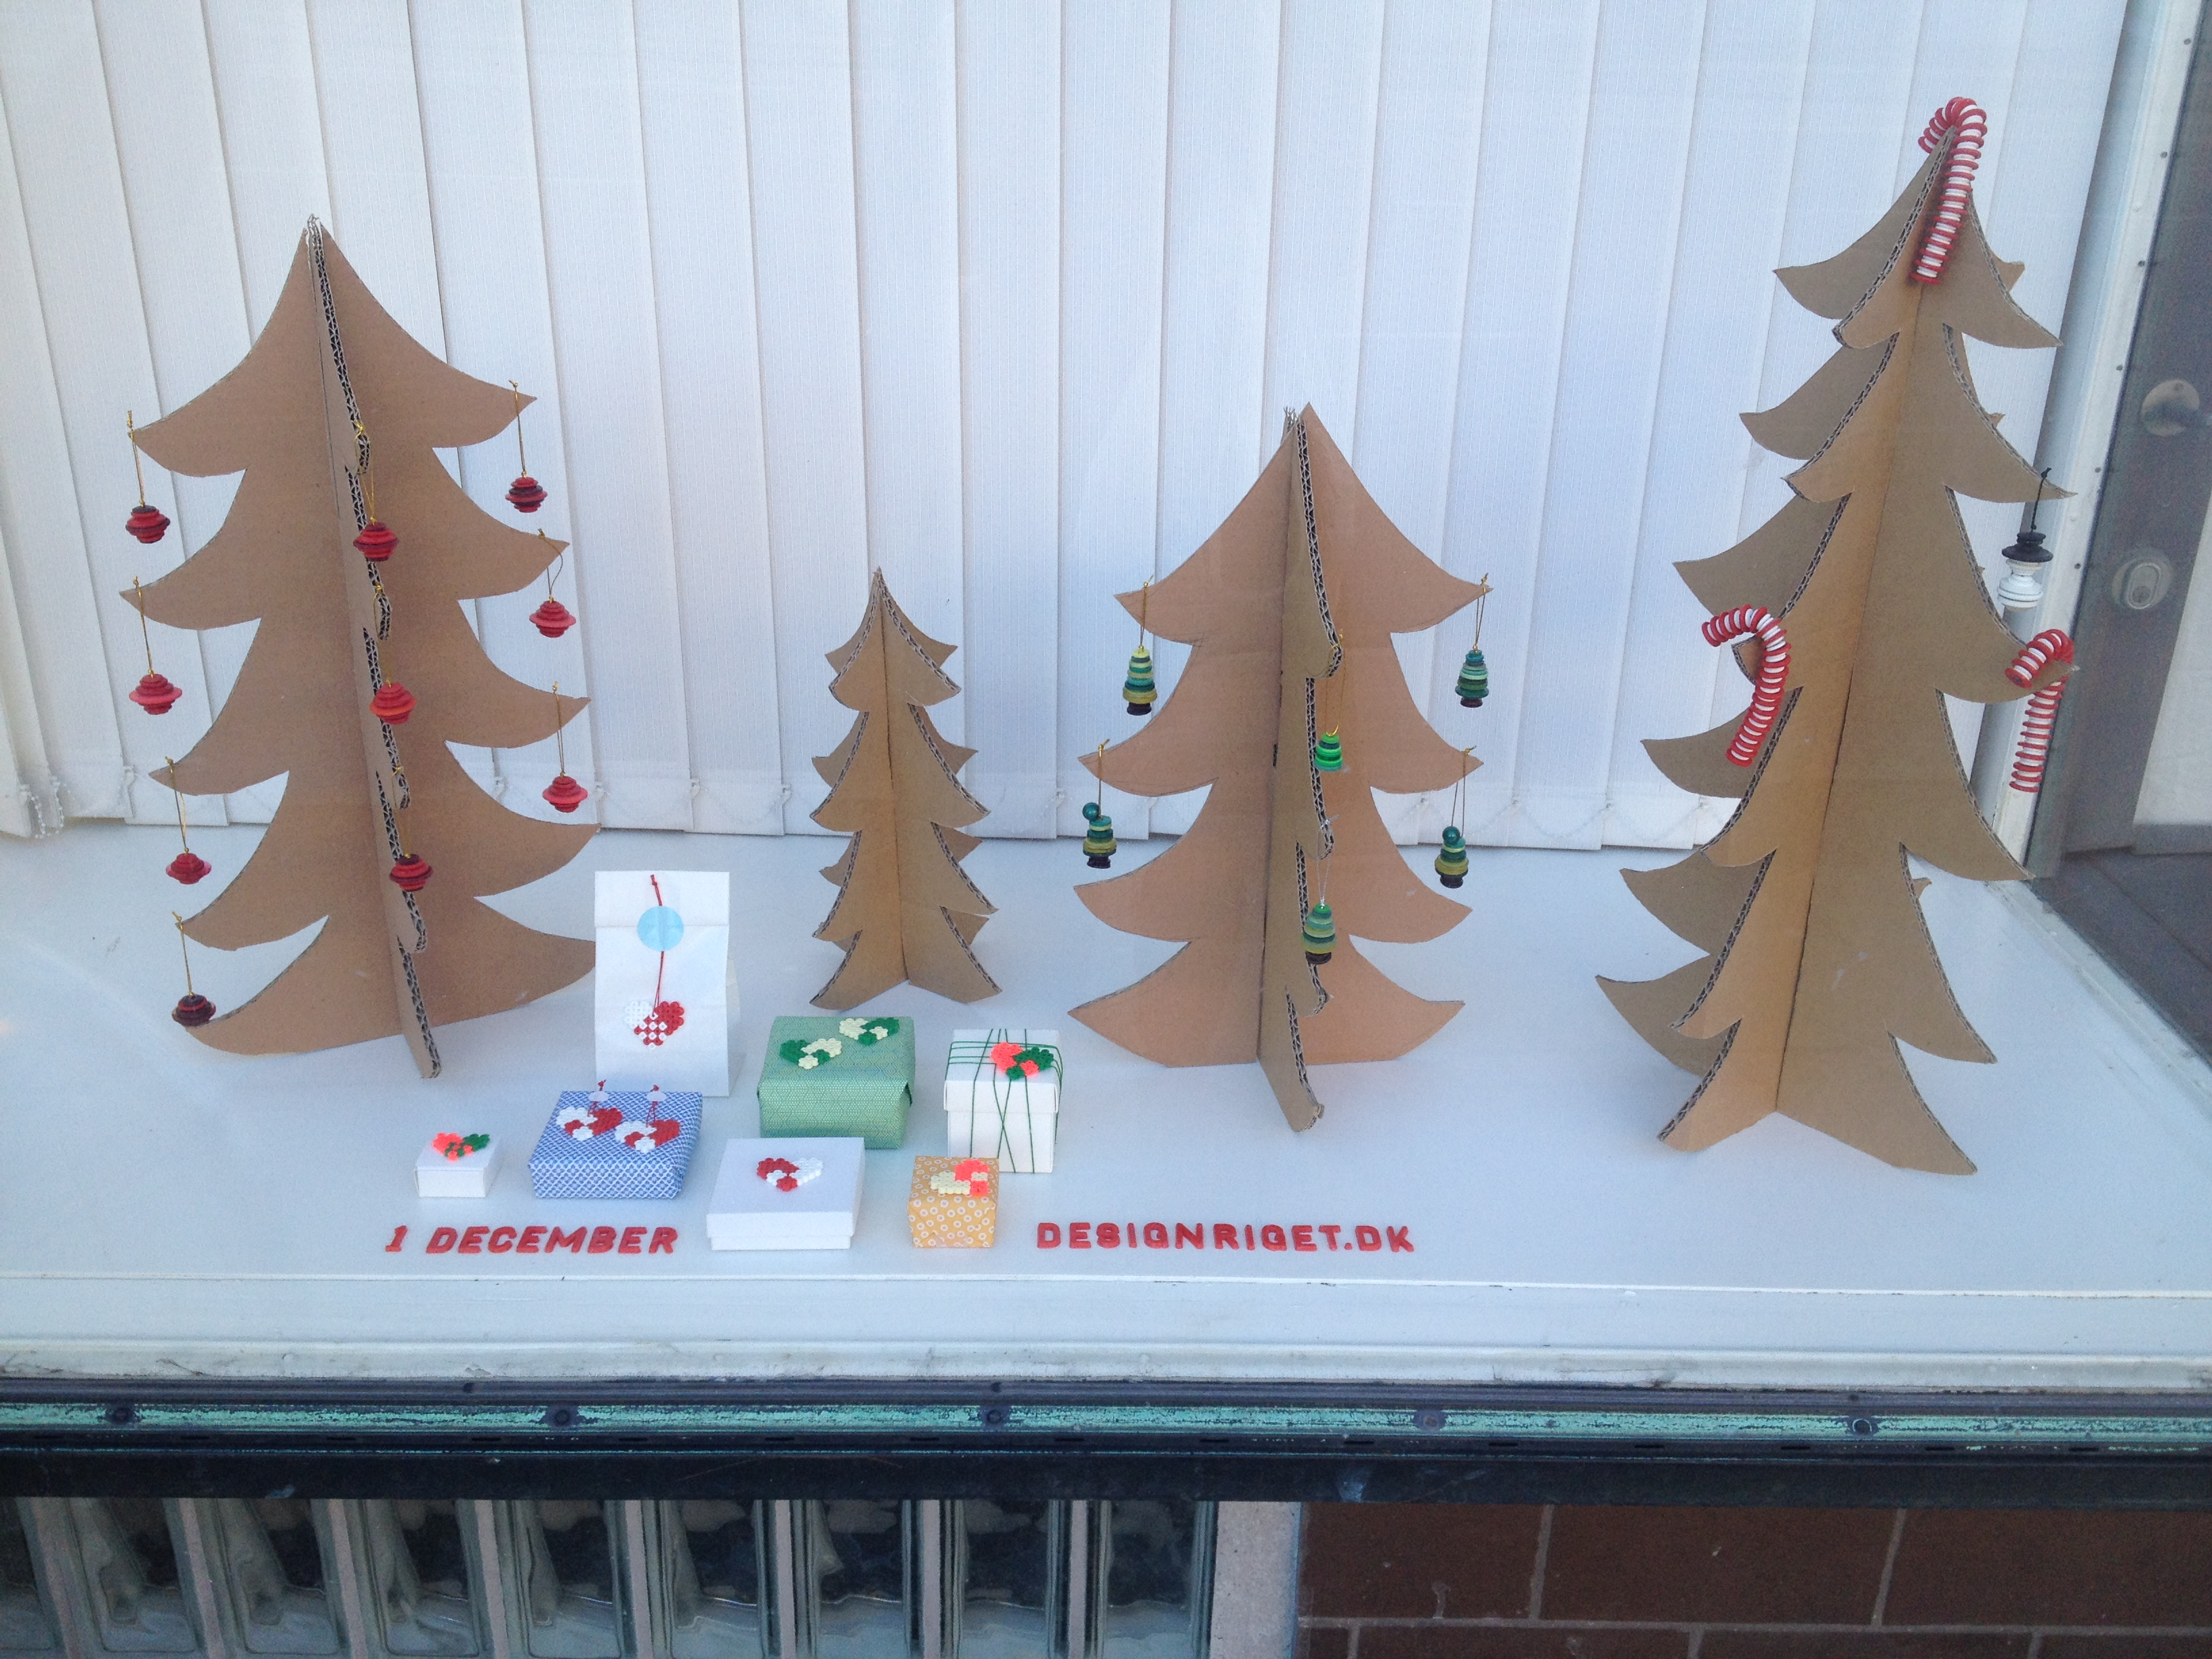 juletræ lavet i træ